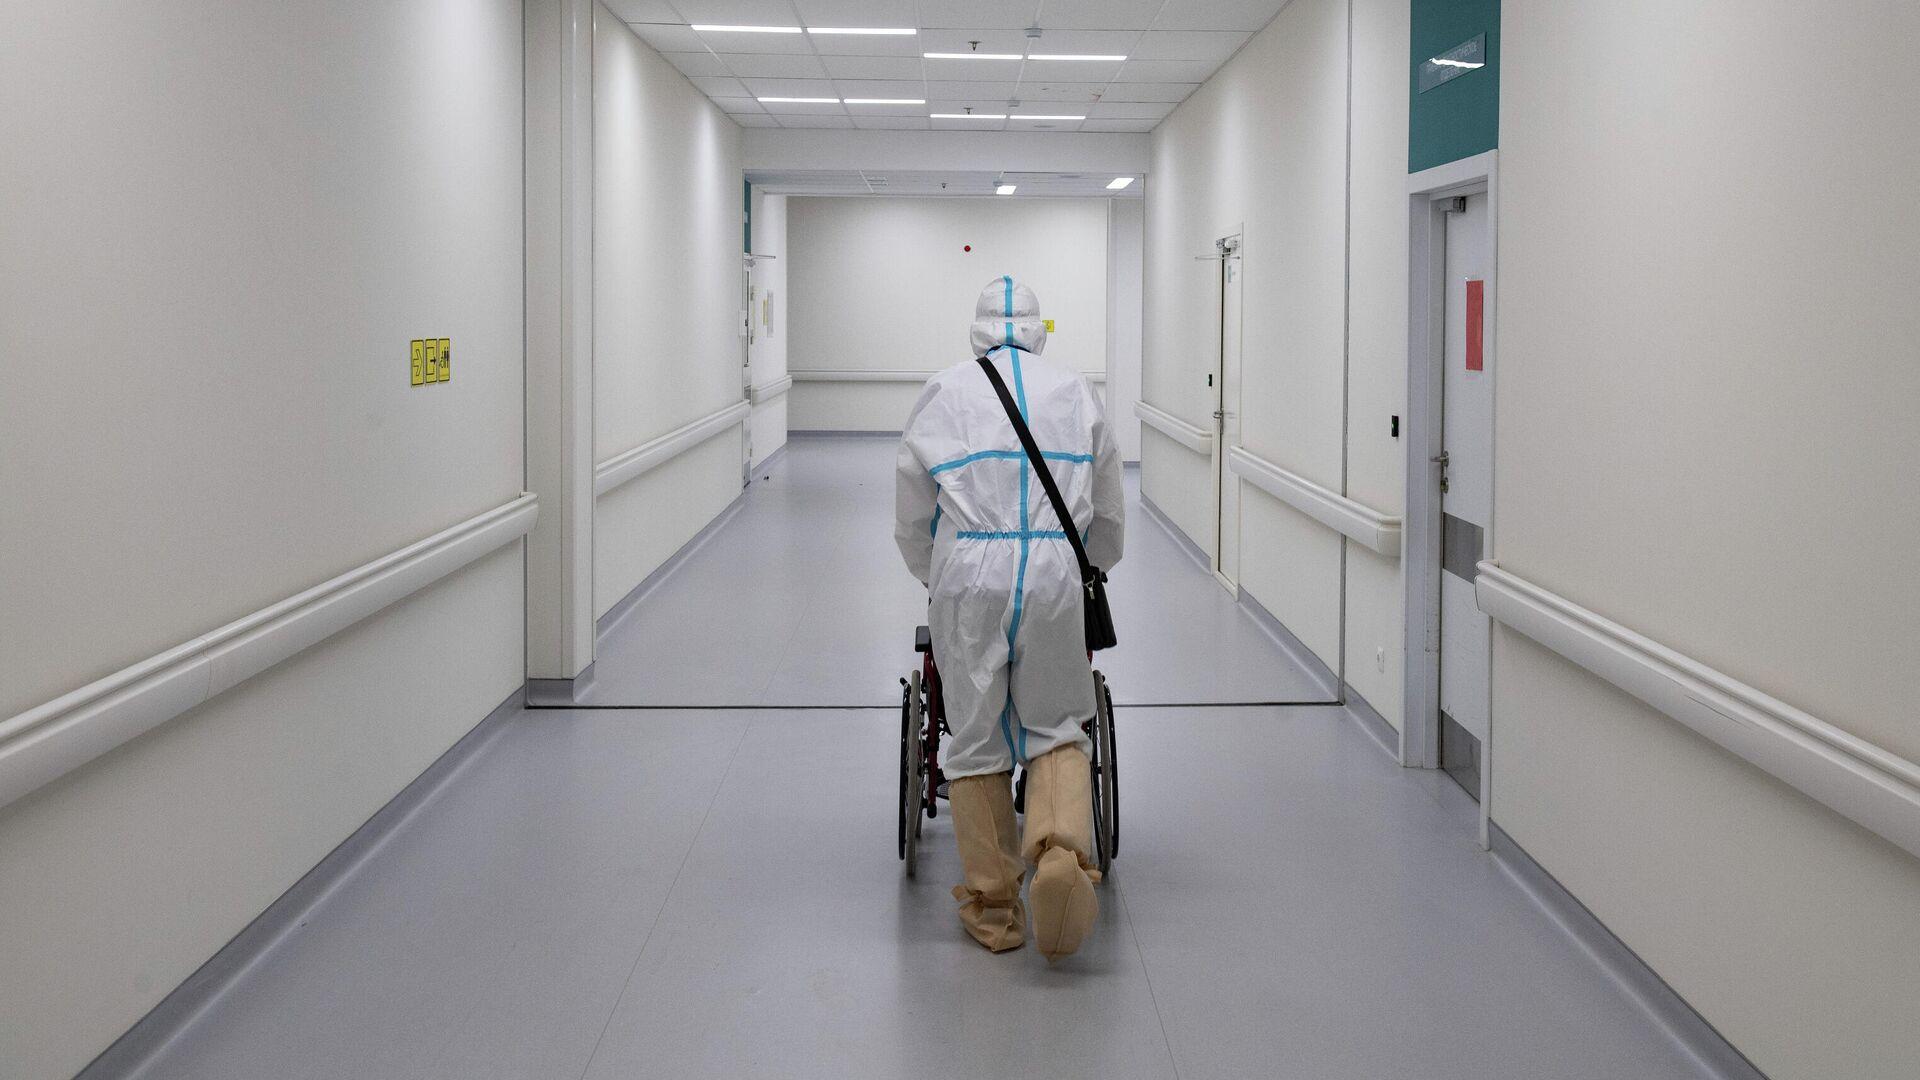 Медик и пациент в приемном отделении городской клинической больницы №40 в Москве - РИА Новости, 1920, 23.02.2021